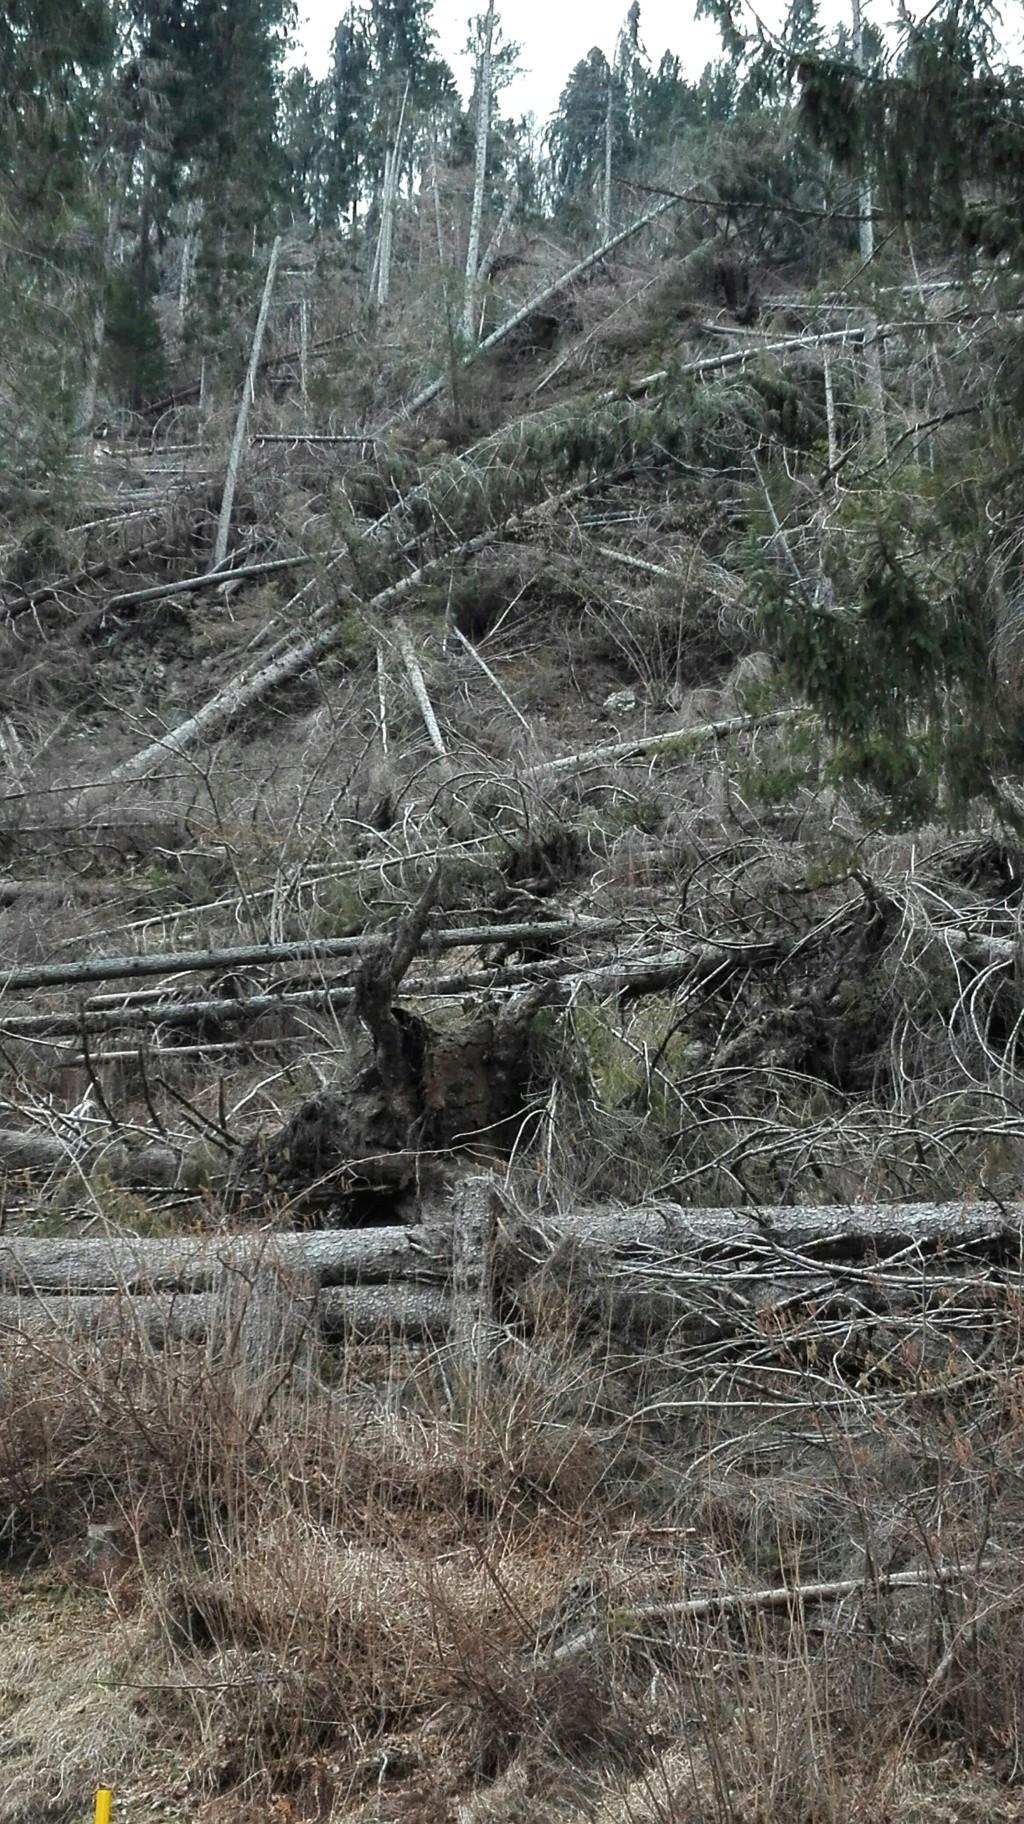 alberi abbattuti dai temporali - Pagina 2 Vaia_210